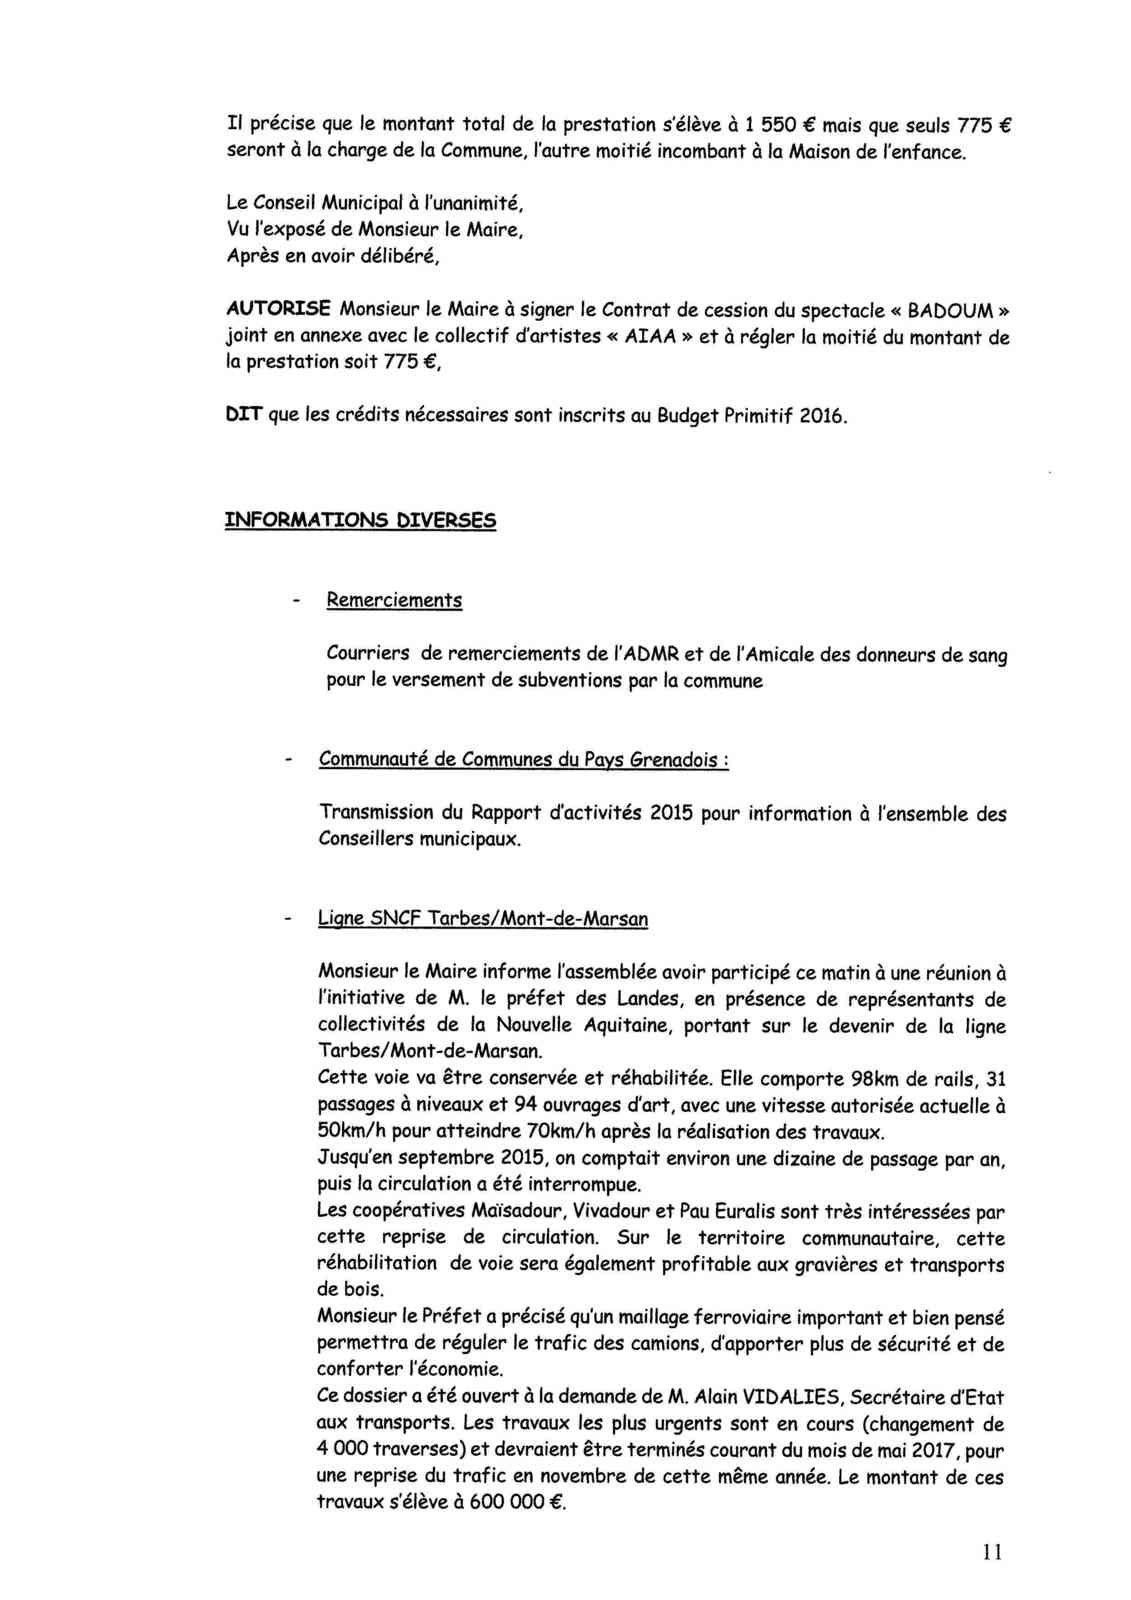 Conseil Municipal : Procès Verbal de la séance du 12 octobre 2016